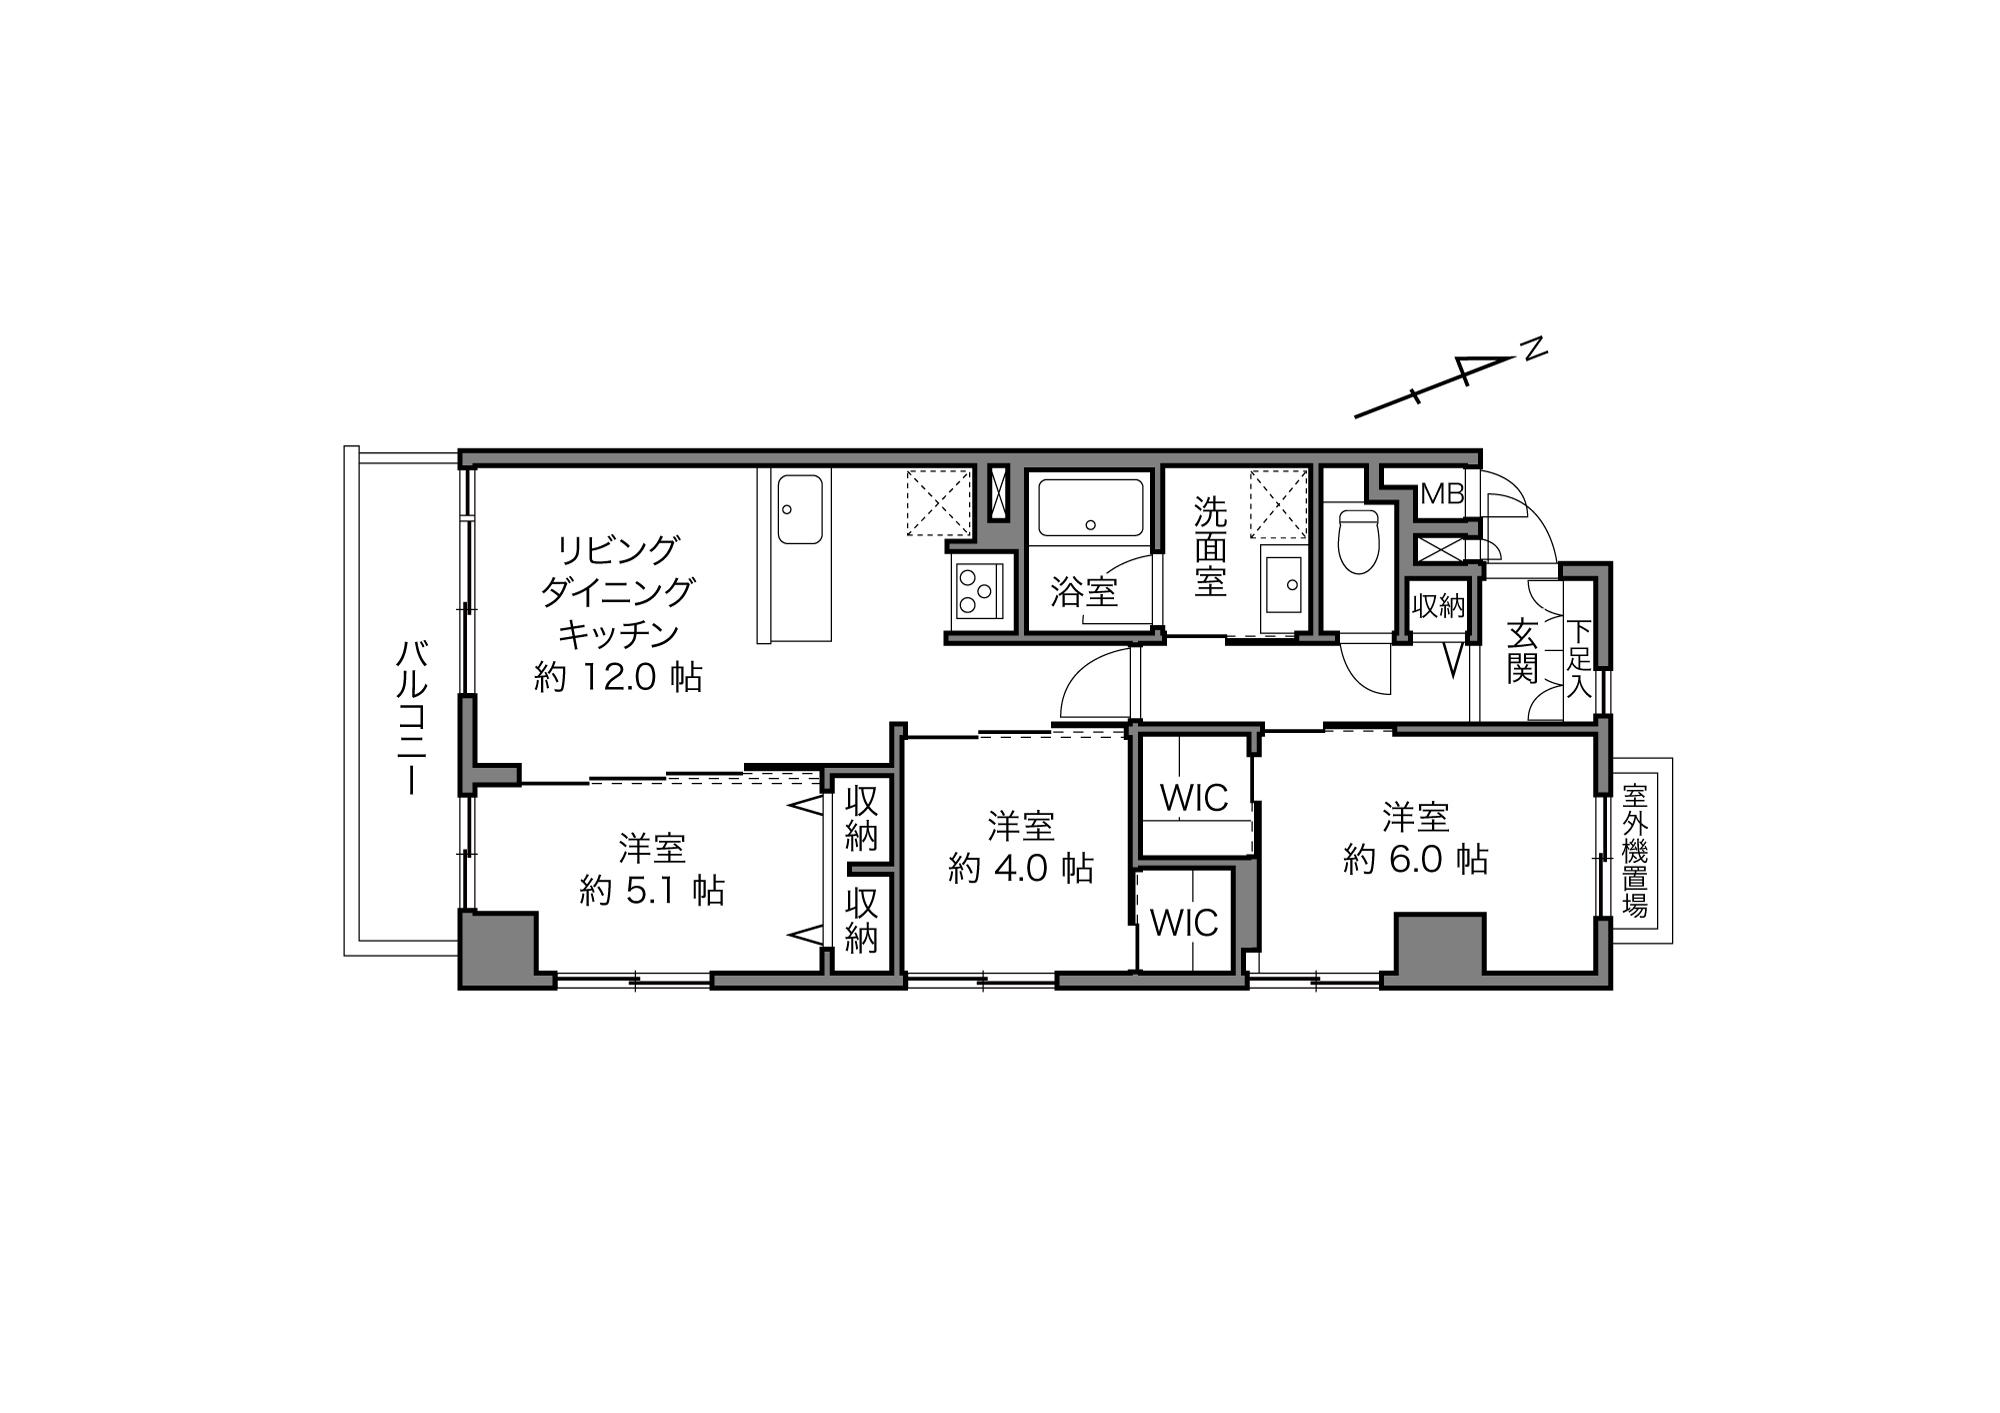 入谷駅 / 3LDK+2WIC / 65.96㎡